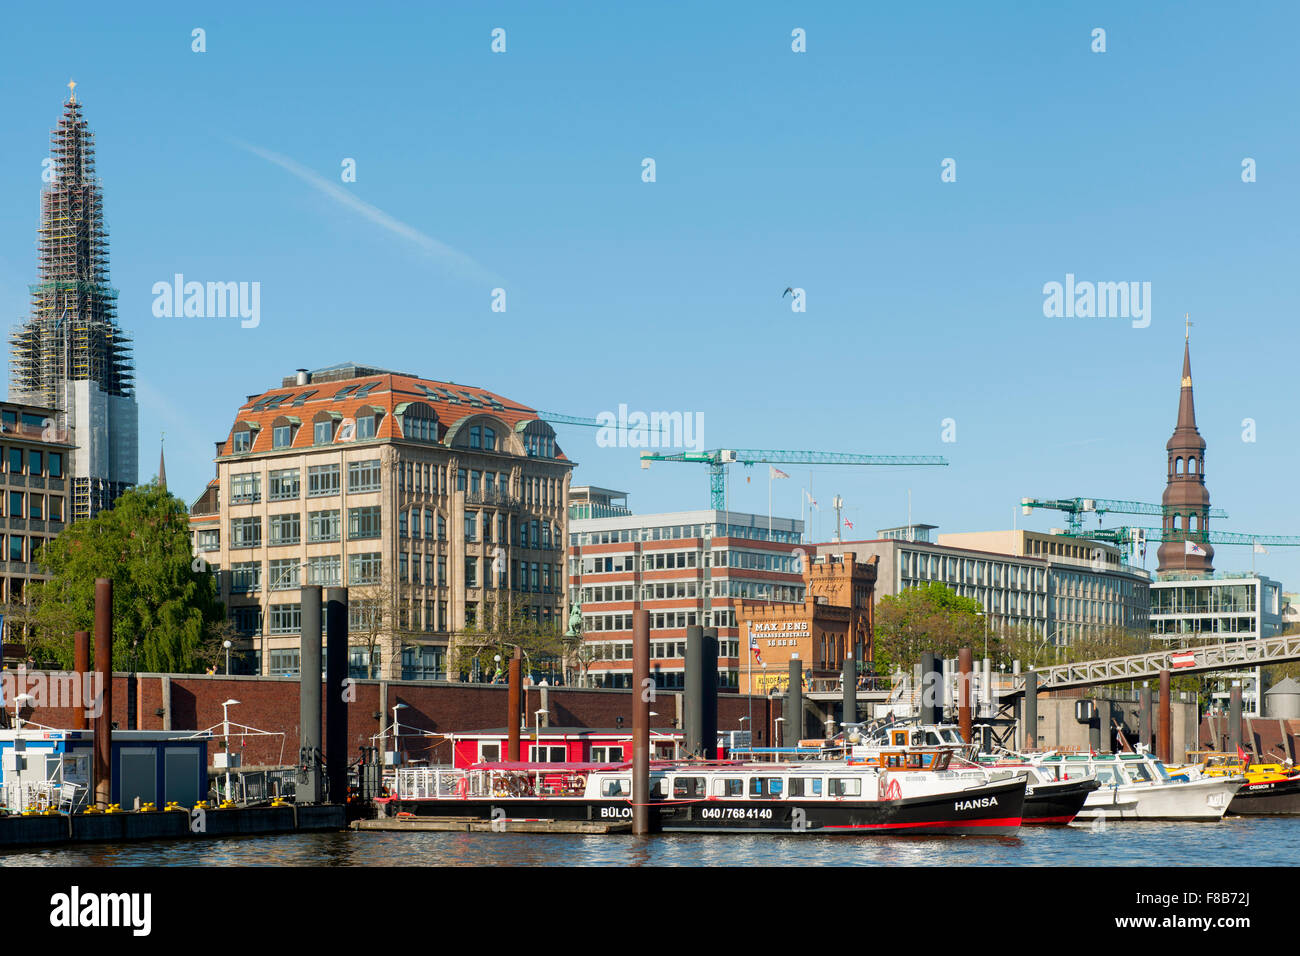 Deutschland, Hamburg, Zollkanal, Hafenrundfahrtboote - Stock Image